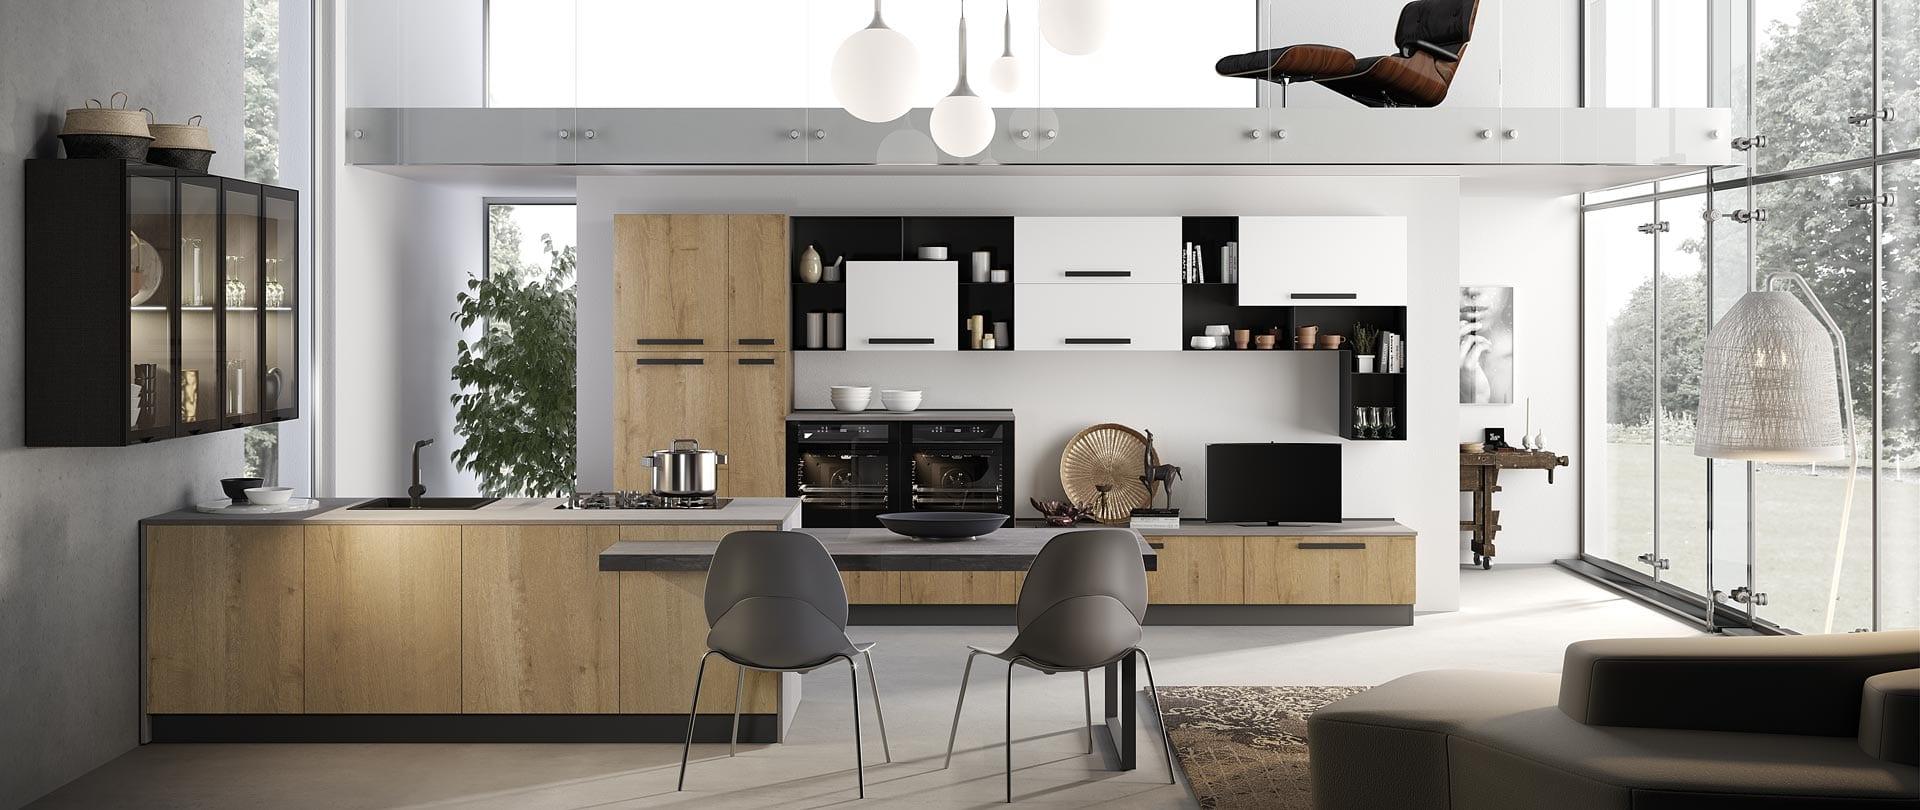 Cucina rovere è la nuova nata in casa Mobilturi: Nala